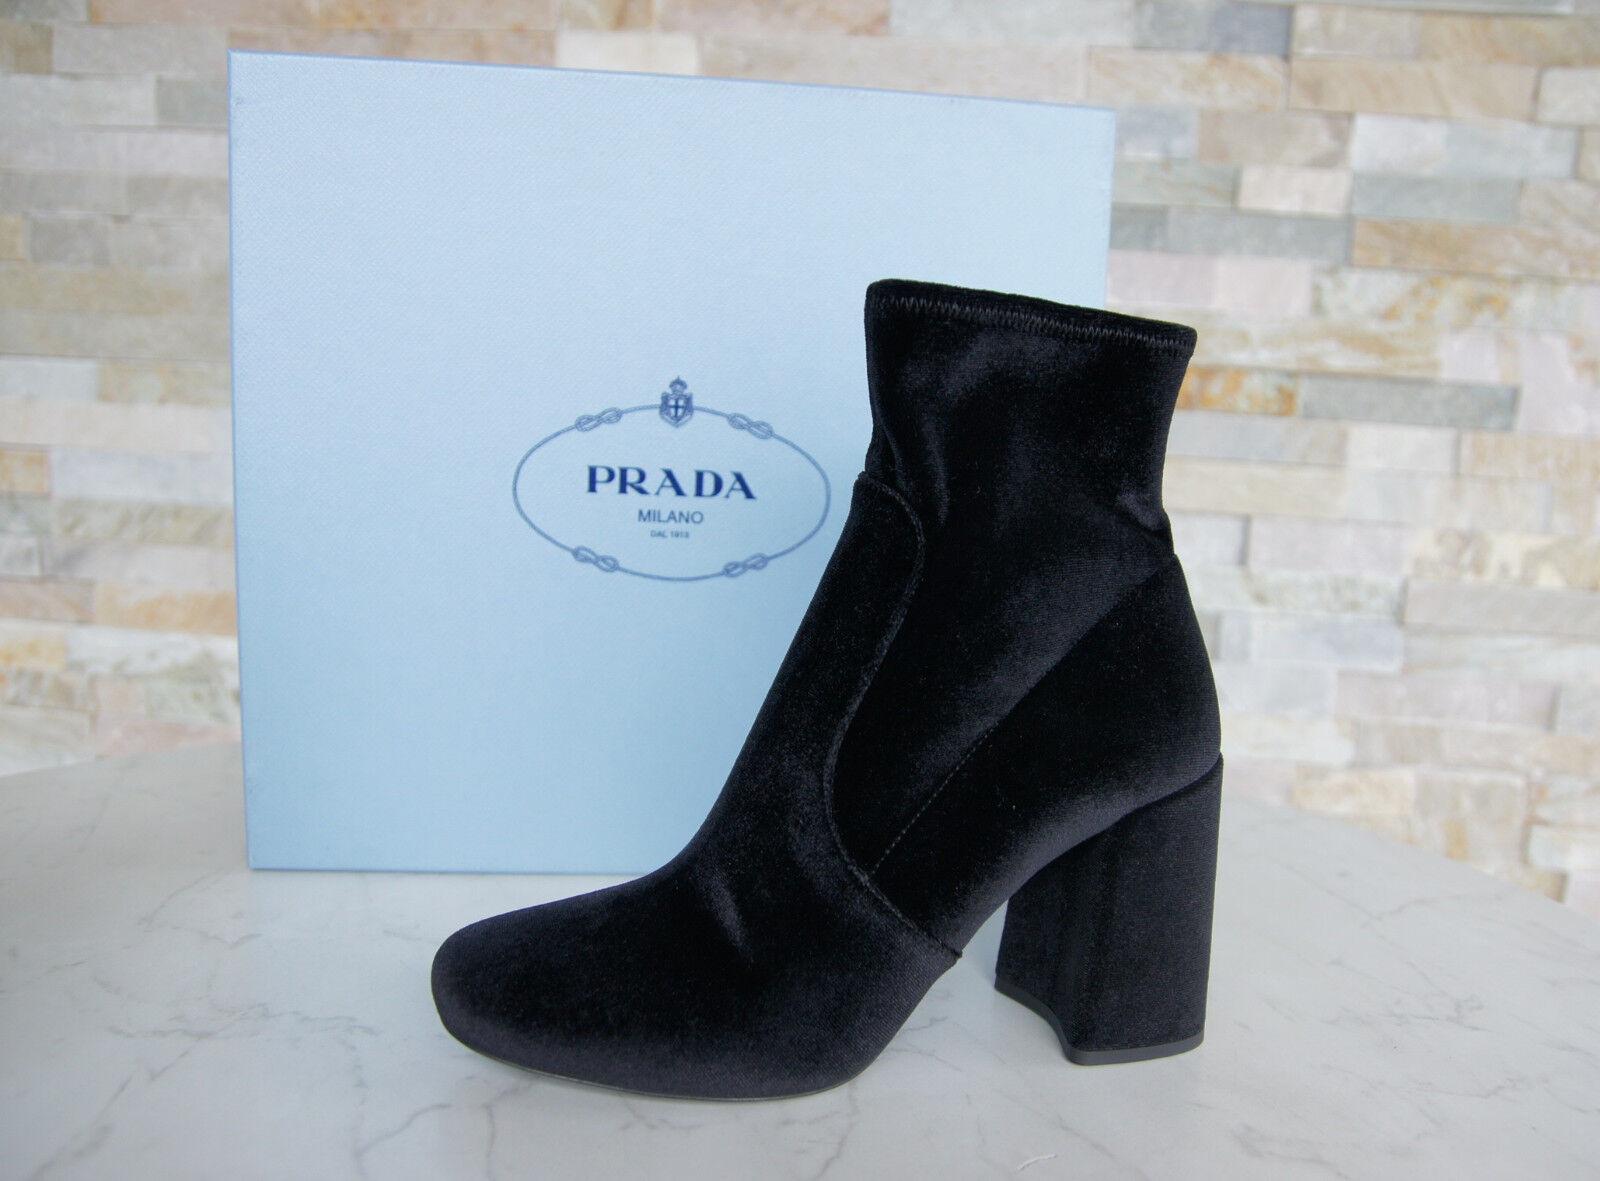 Prada Prada Prada talla 38 botines 1t708h zapatos de terciopelo negro Stretch nuevo ex. PVP  marcas de diseñadores baratos